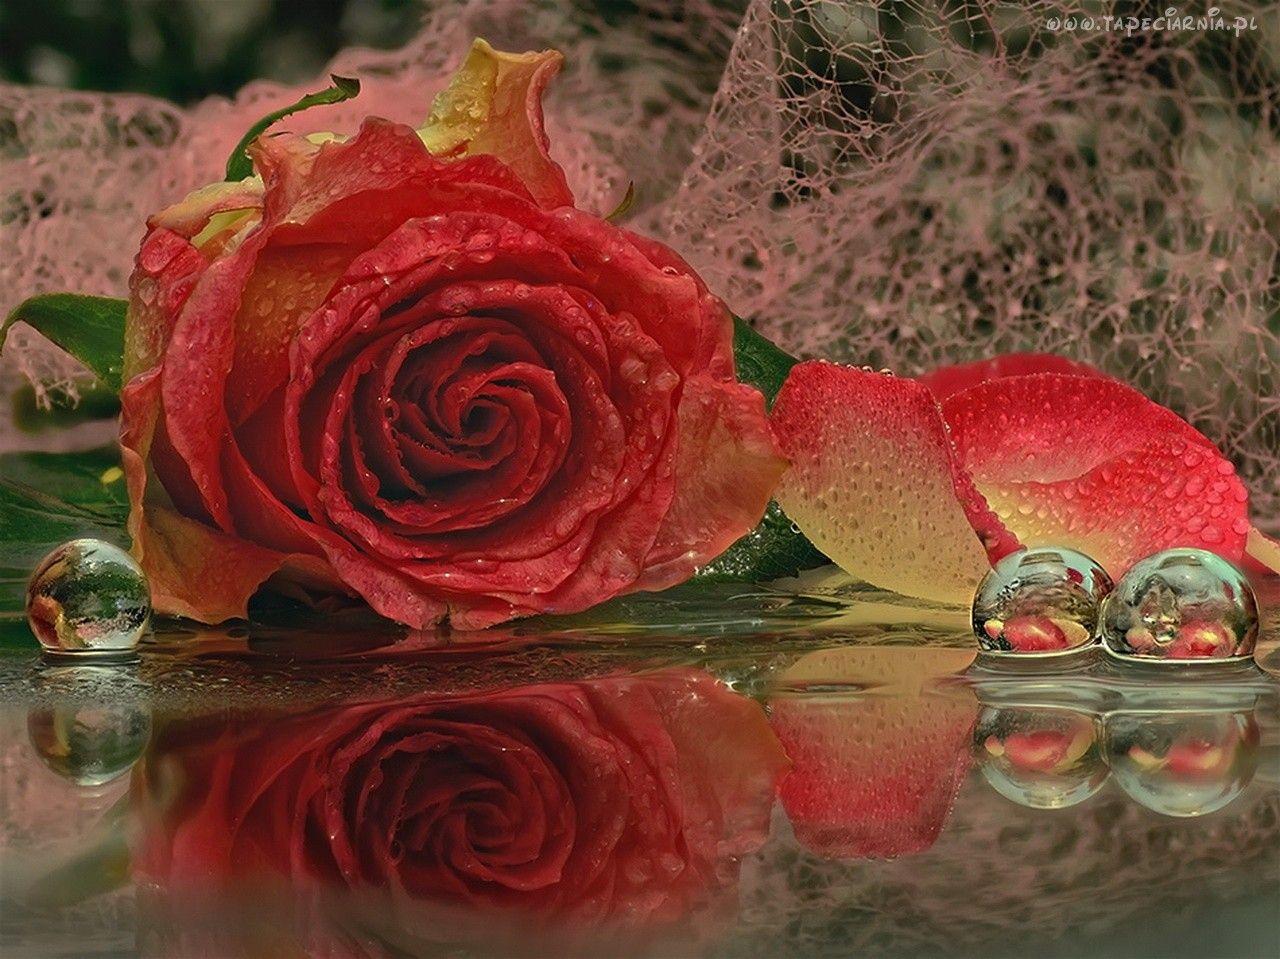 Modifier les Photos: Rose, pétales, trois, gouttes, l'eau, réflexion